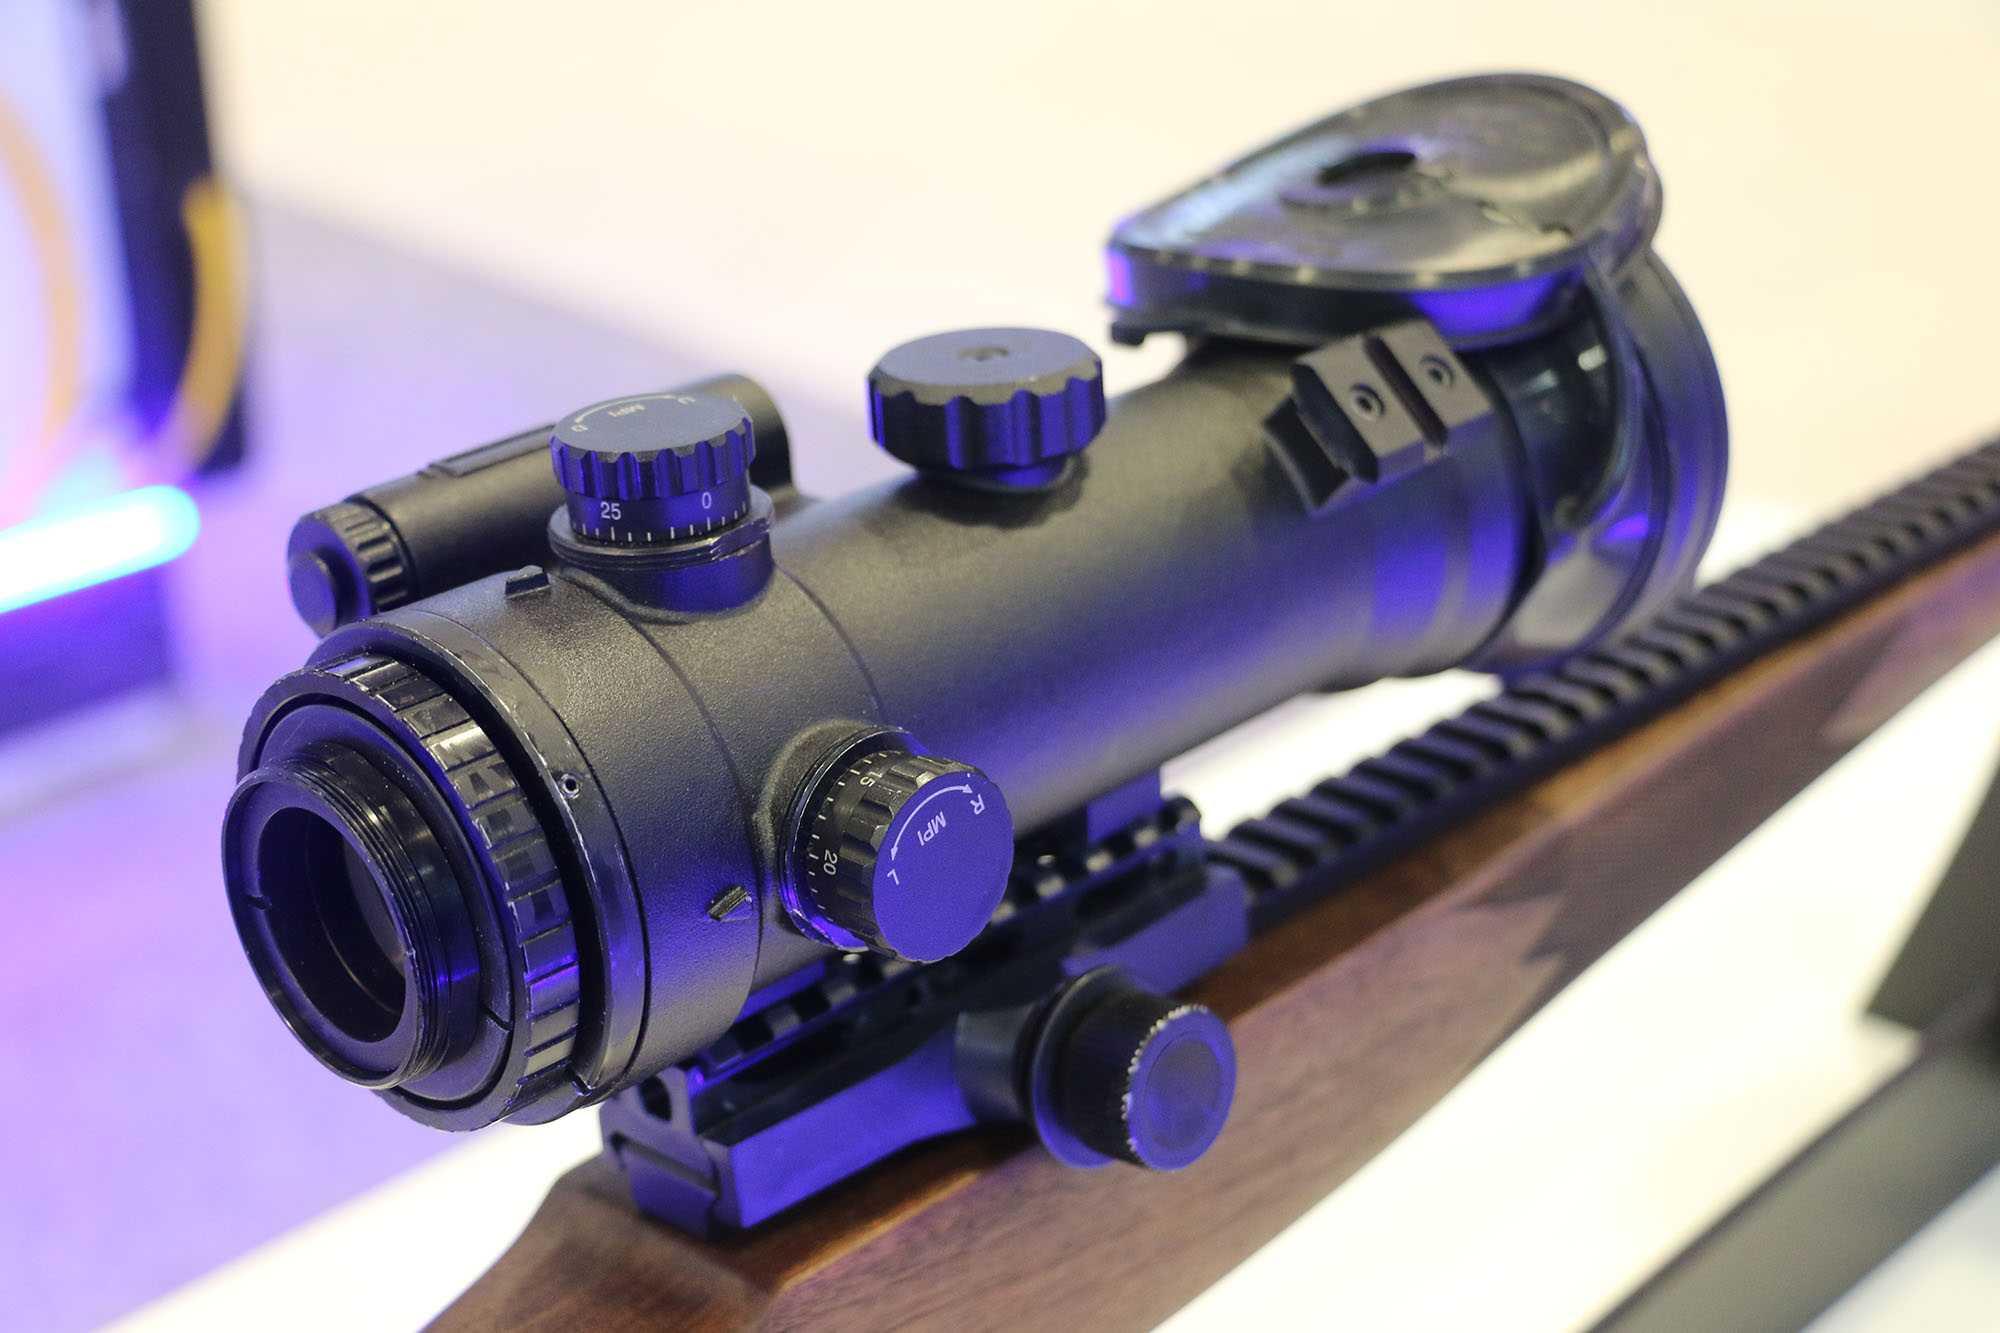 ASELSAN'ın yeni ürettiği ve geliştirdiği optik sistemler